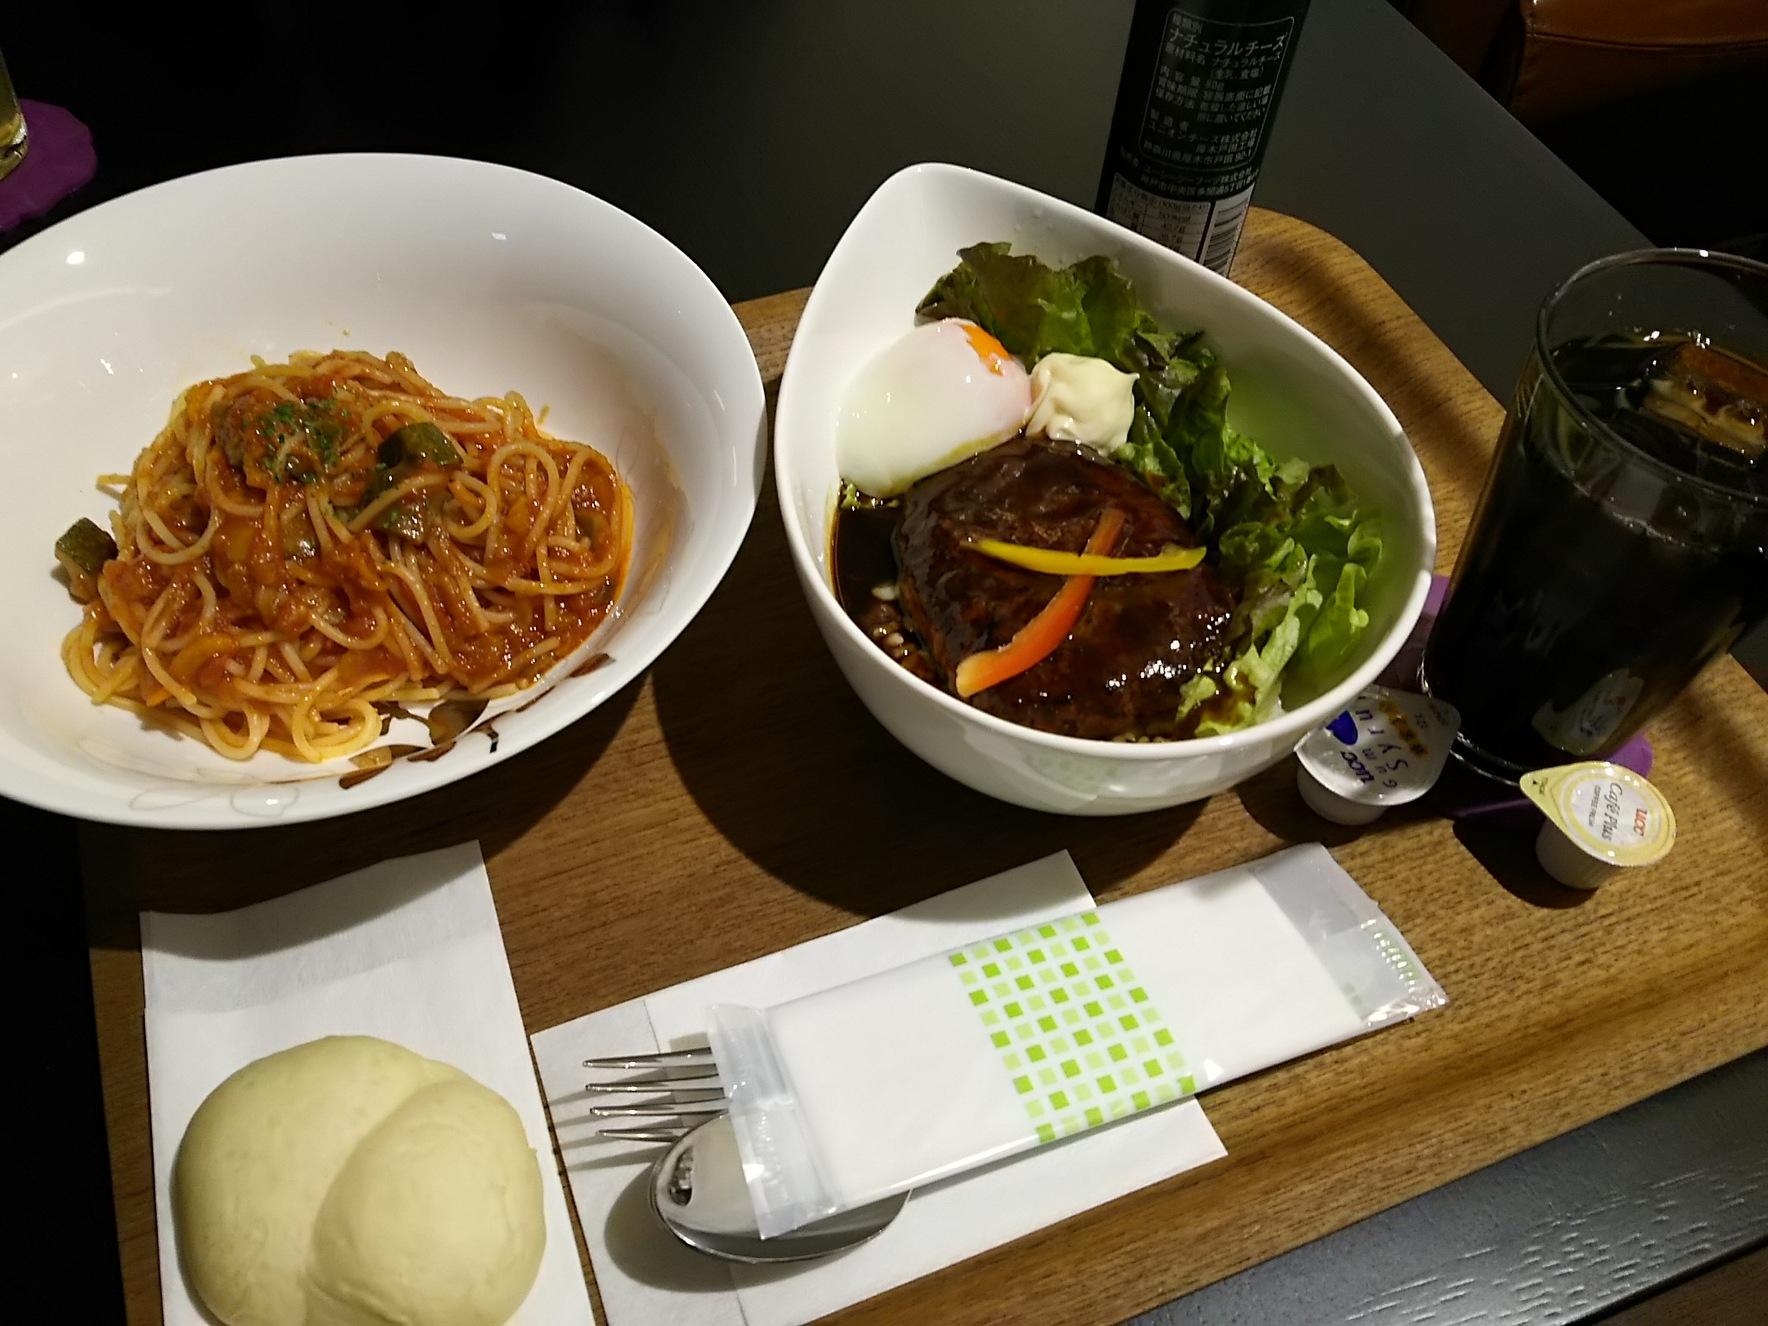 モアカフェ 東京インテリア家具下田店